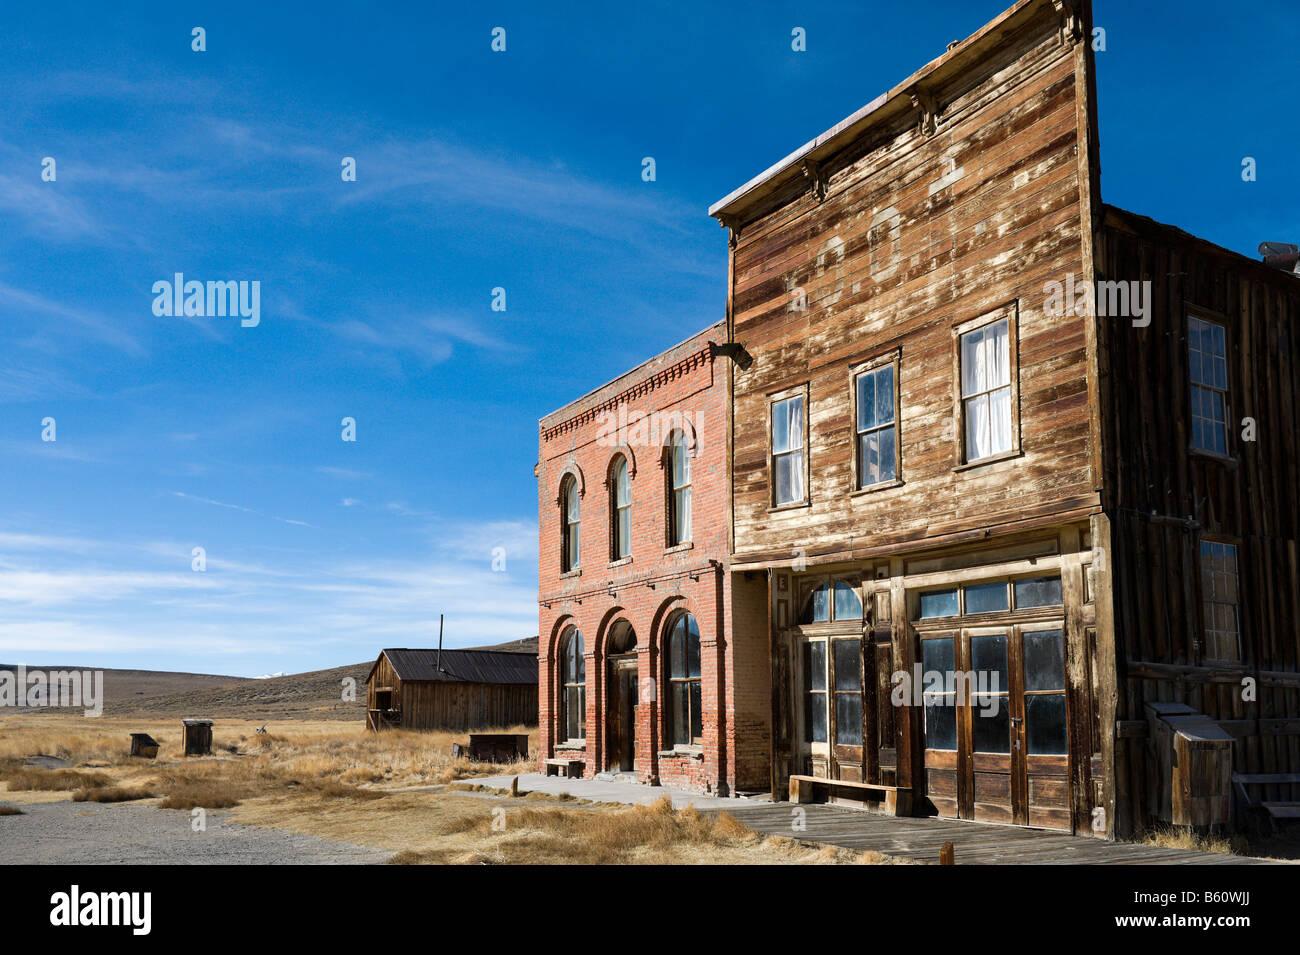 Das Dechambeau Hotel & Postamt, Main Street, 19 ghost Town Bodie, in der Nähe von Bridgepor t Berge der Stockbild